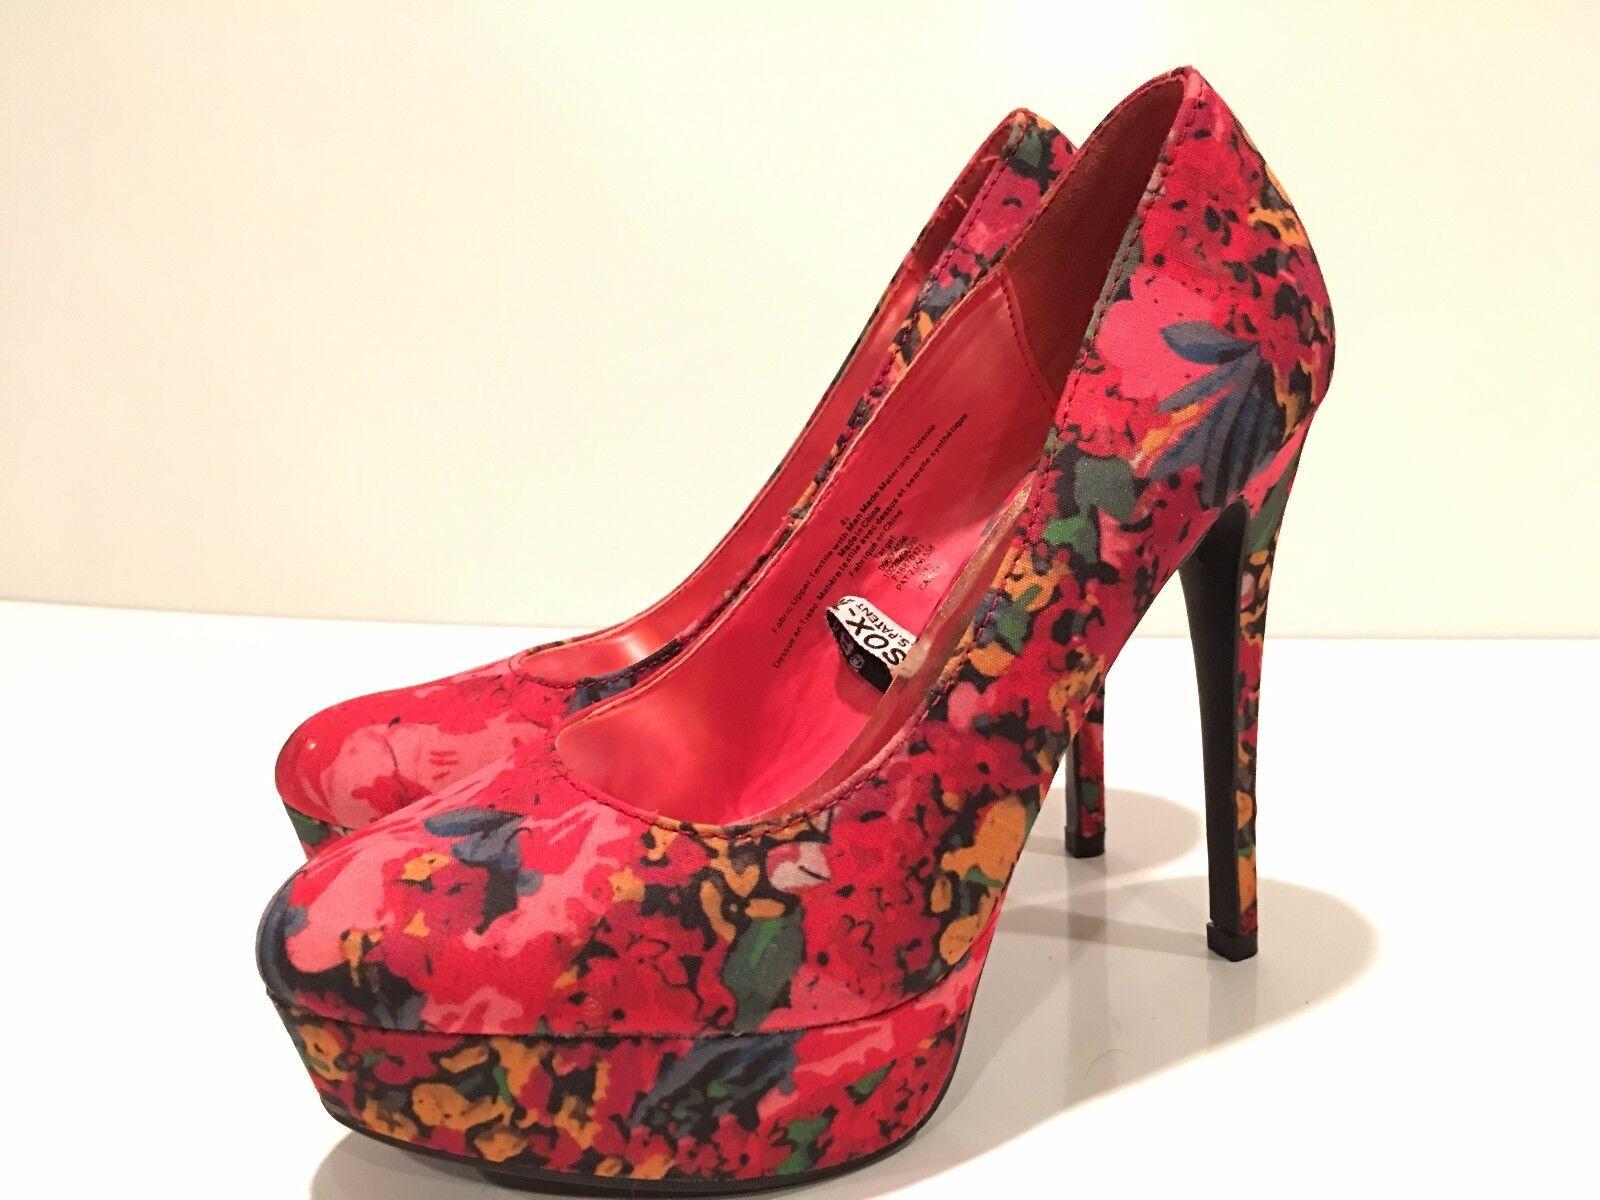 Xhilaration Shoes Women's Platform Floral Print Shoes Xhilaration Size 8.5 M 38239c